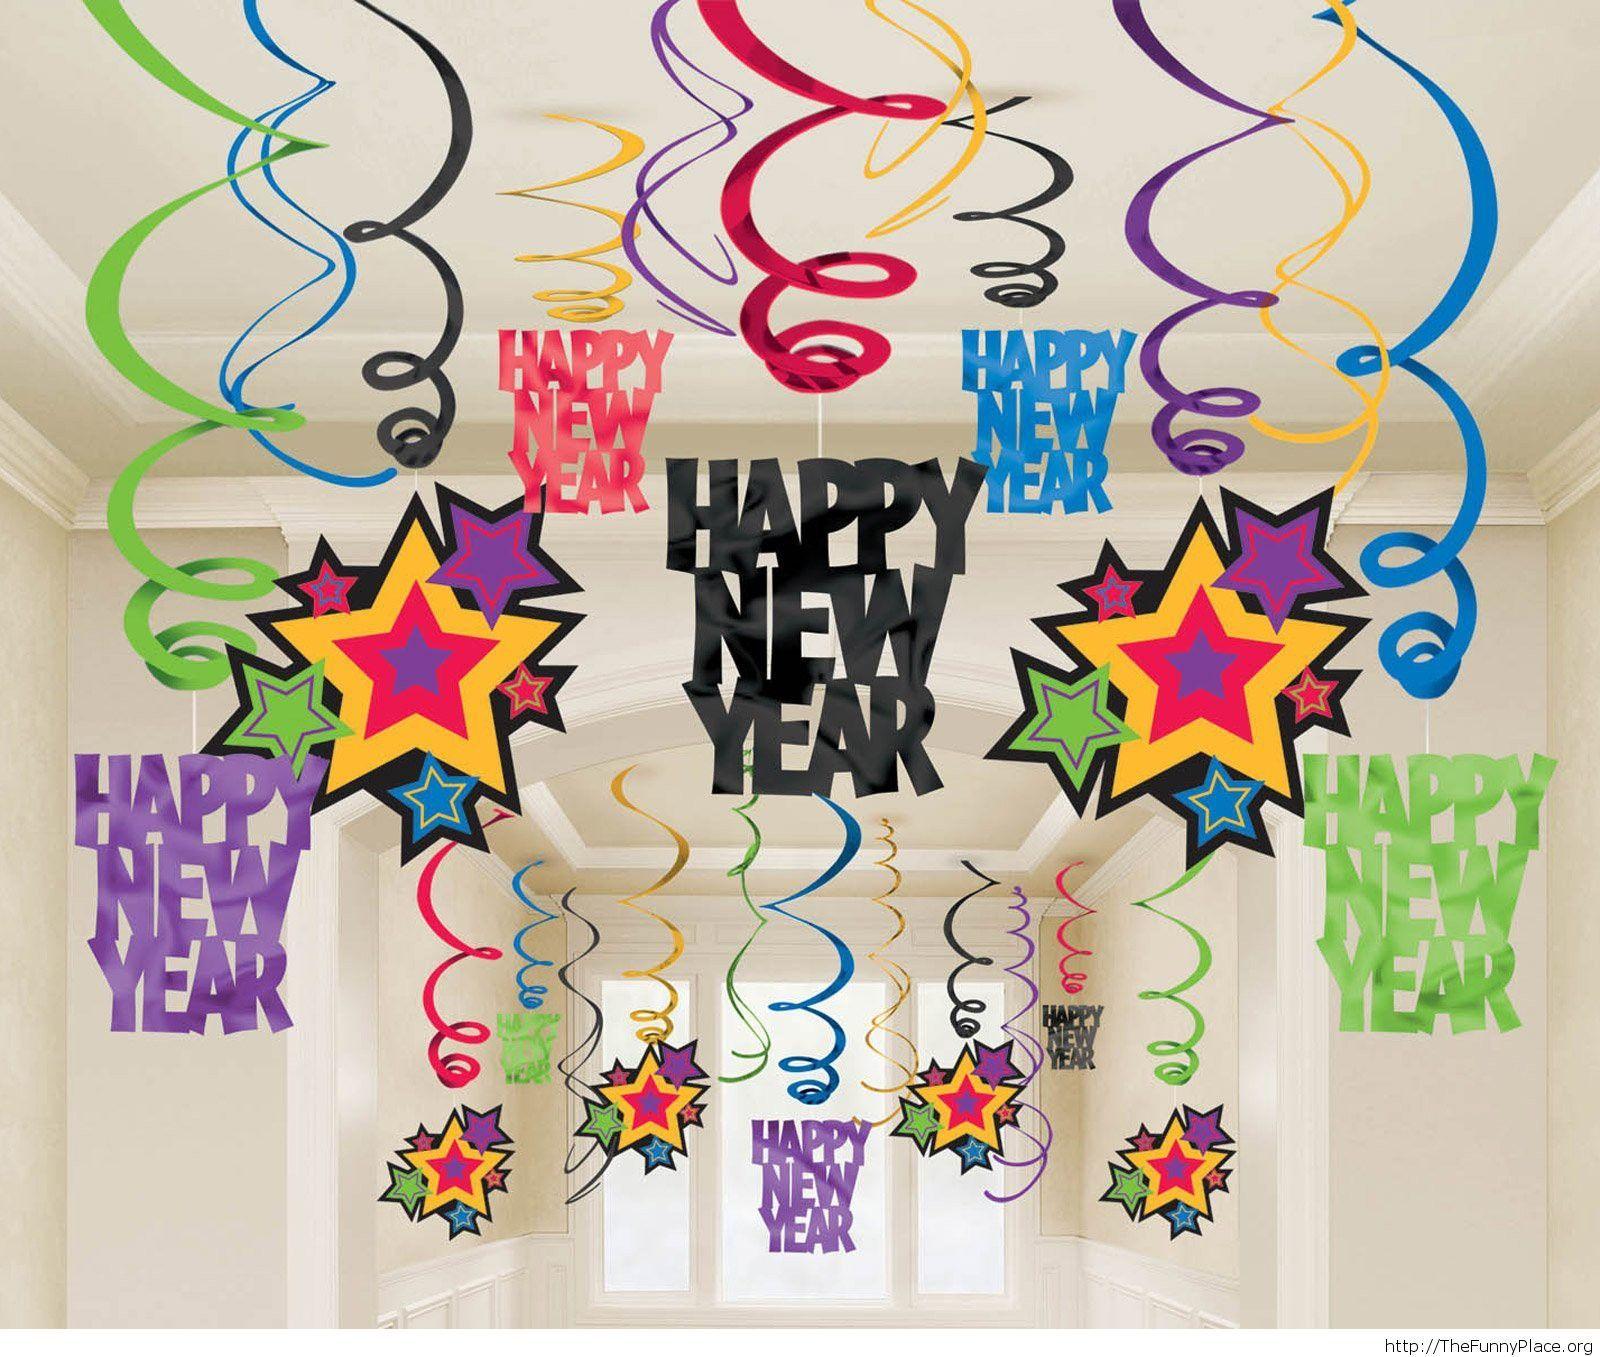 New Year Happy 2015 celebration image